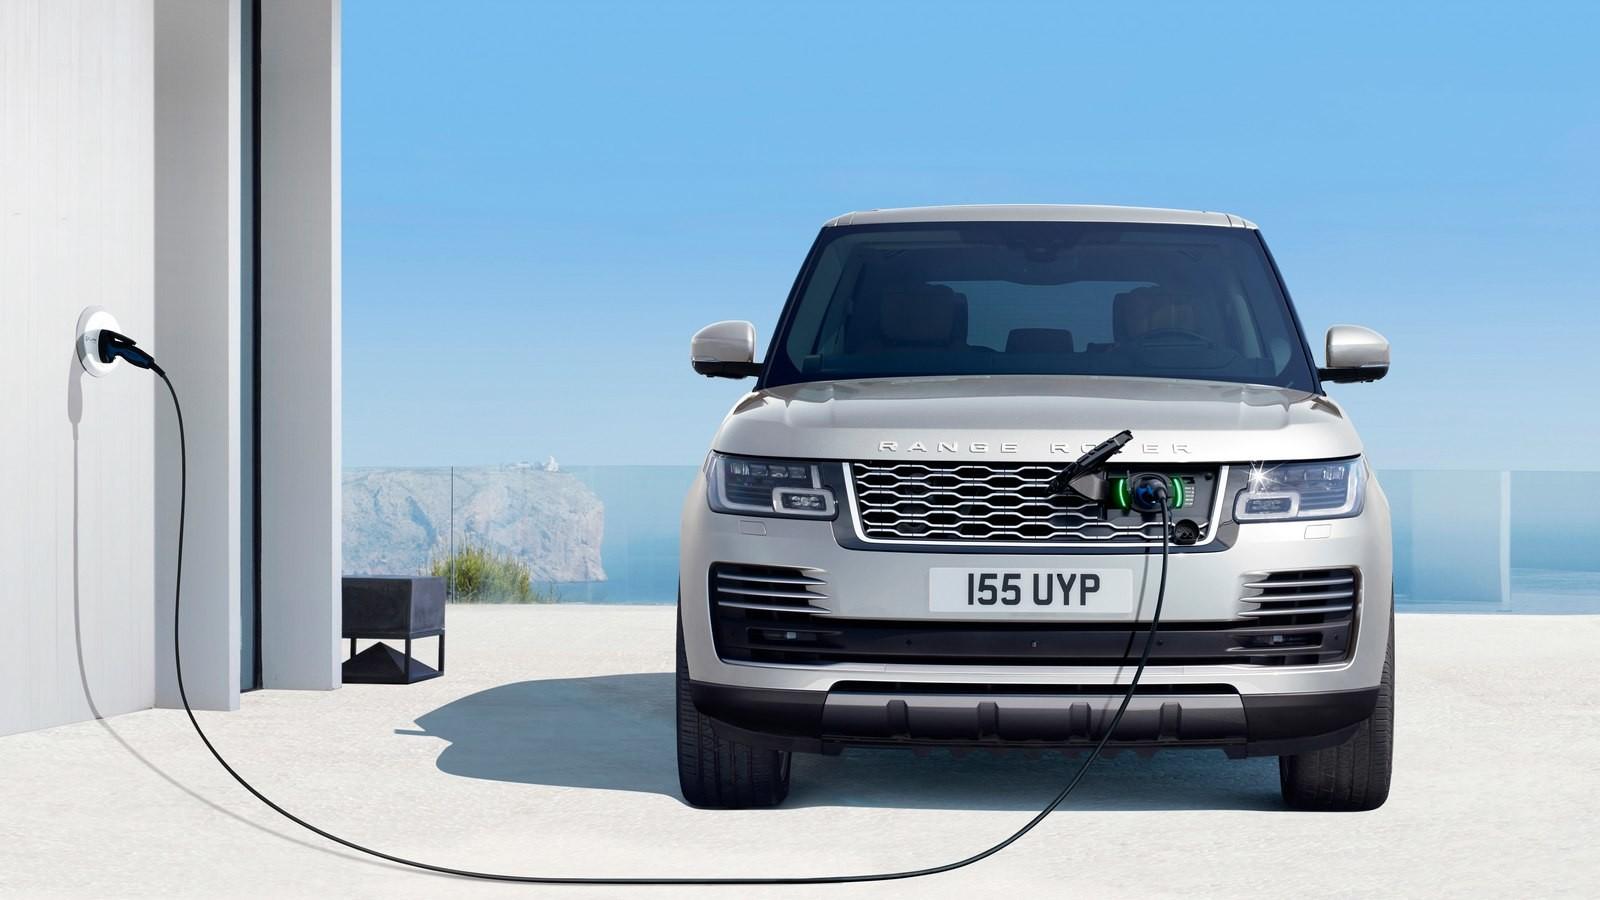 Range Rover Autobiography P400e  На руле обновленного внедорожника теперь располагаются сенсорные